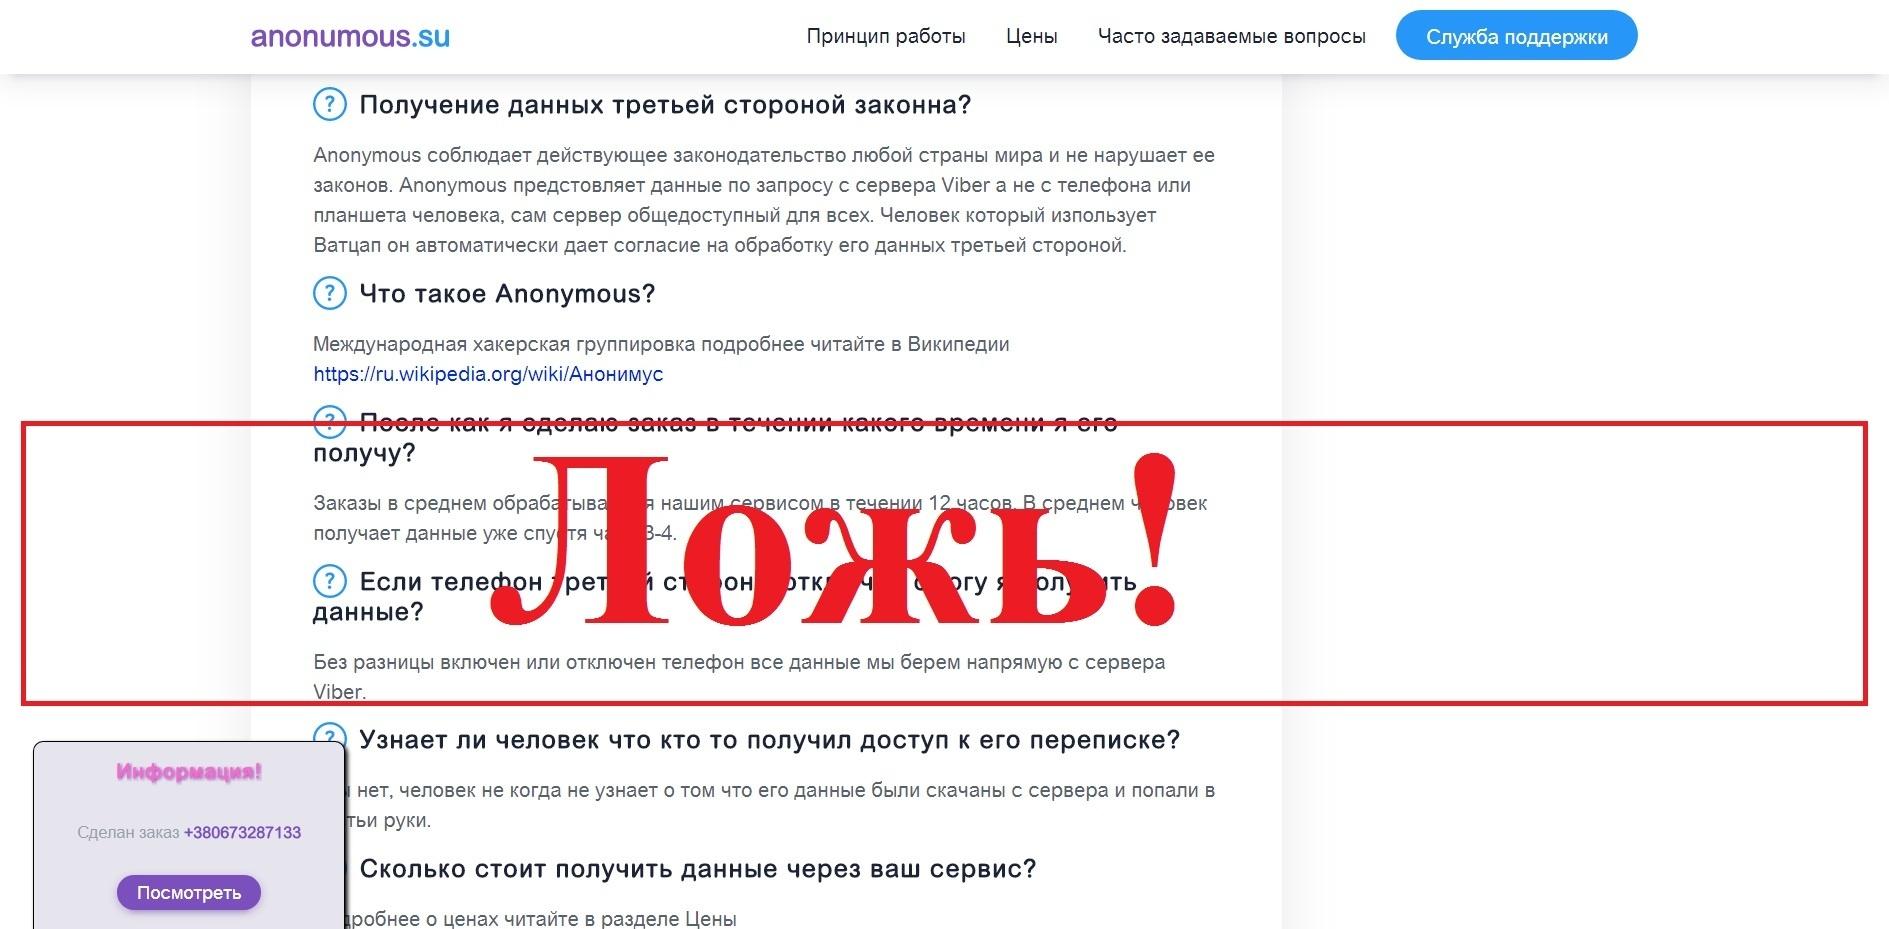 Anonymous – отзывы о сервисе по взлому